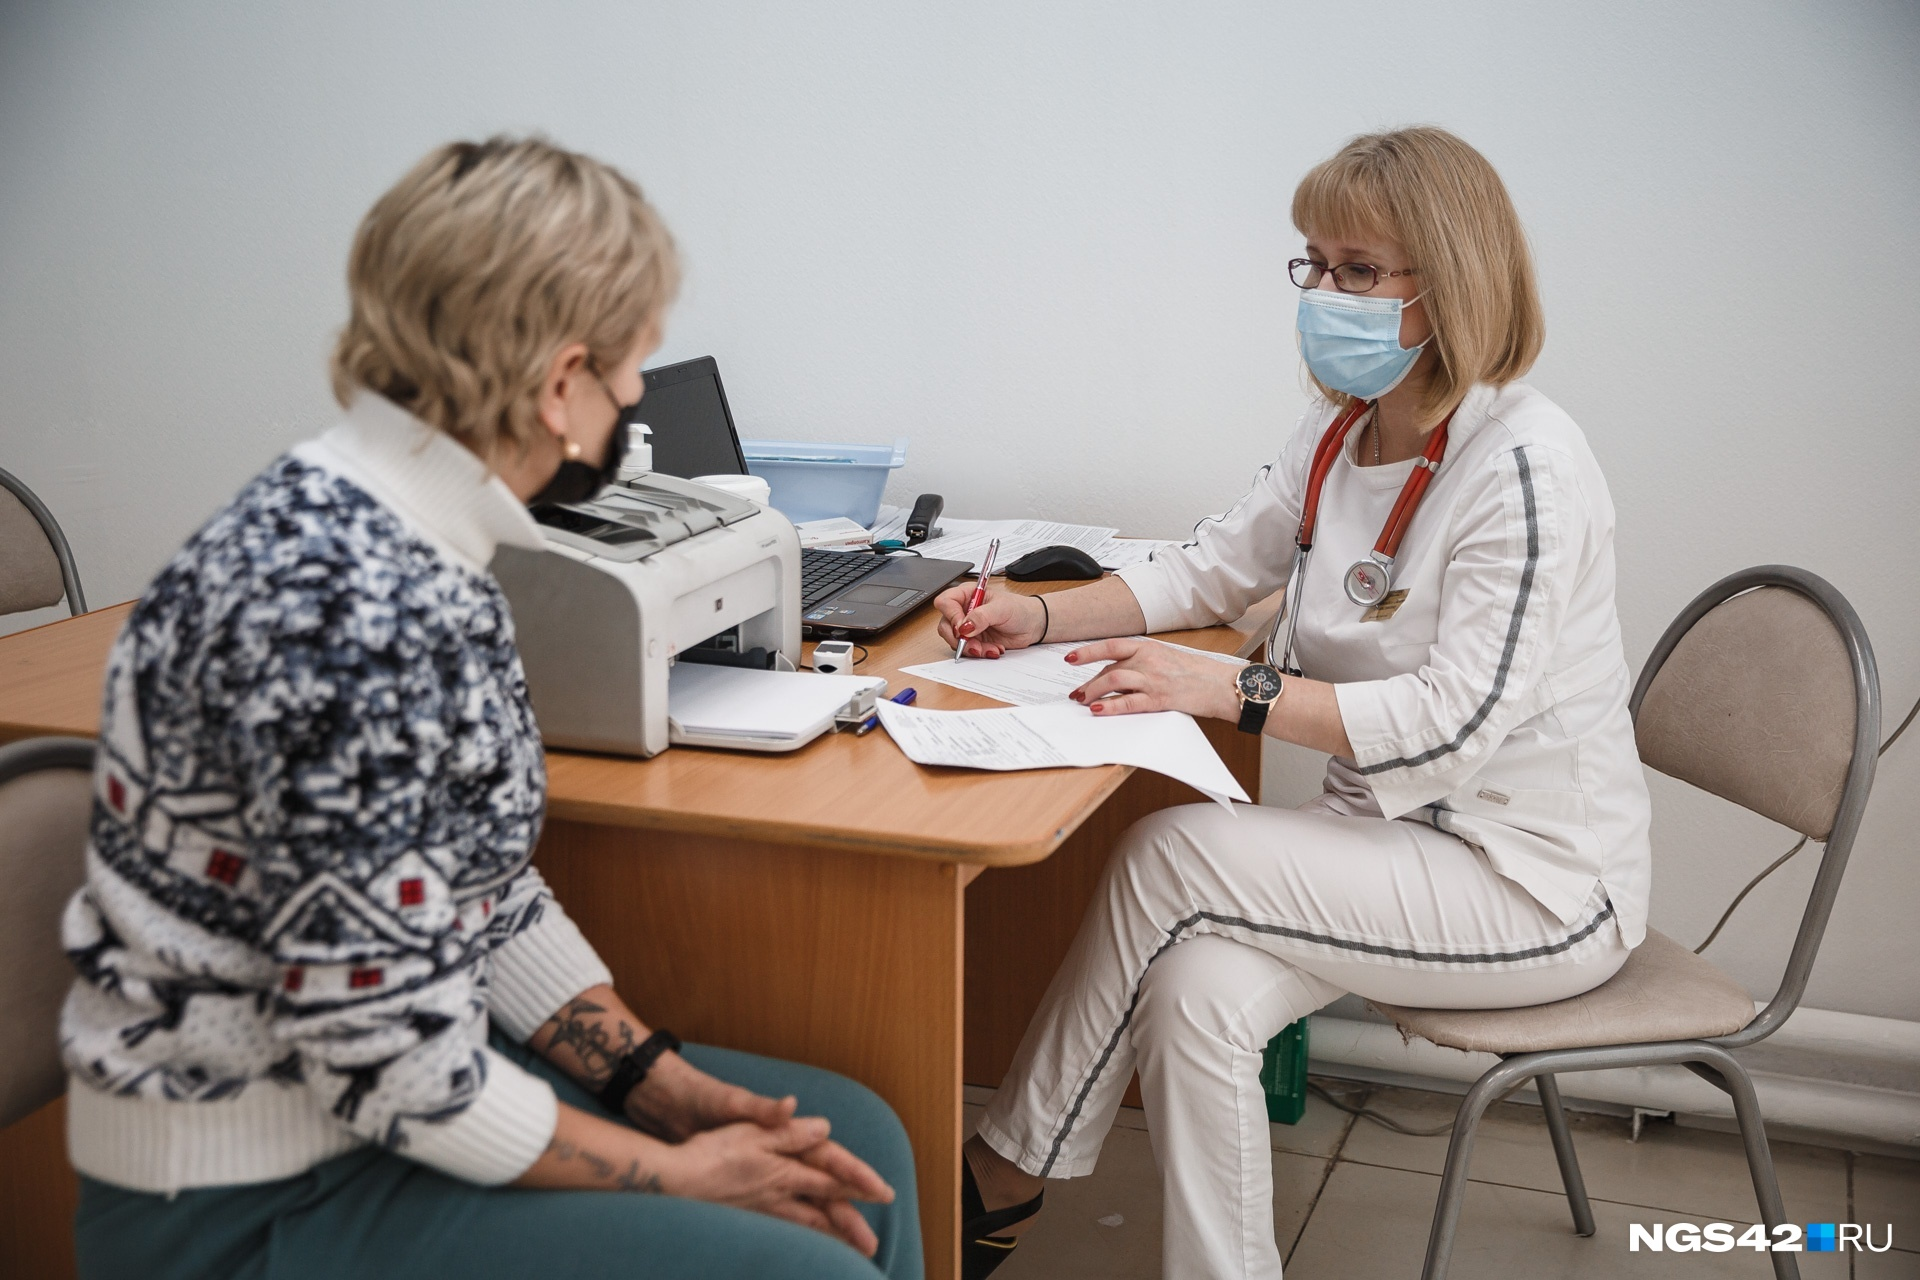 Переболевшим коронавирусом проверят легкие и сосуды, чтобы исключить осложнения